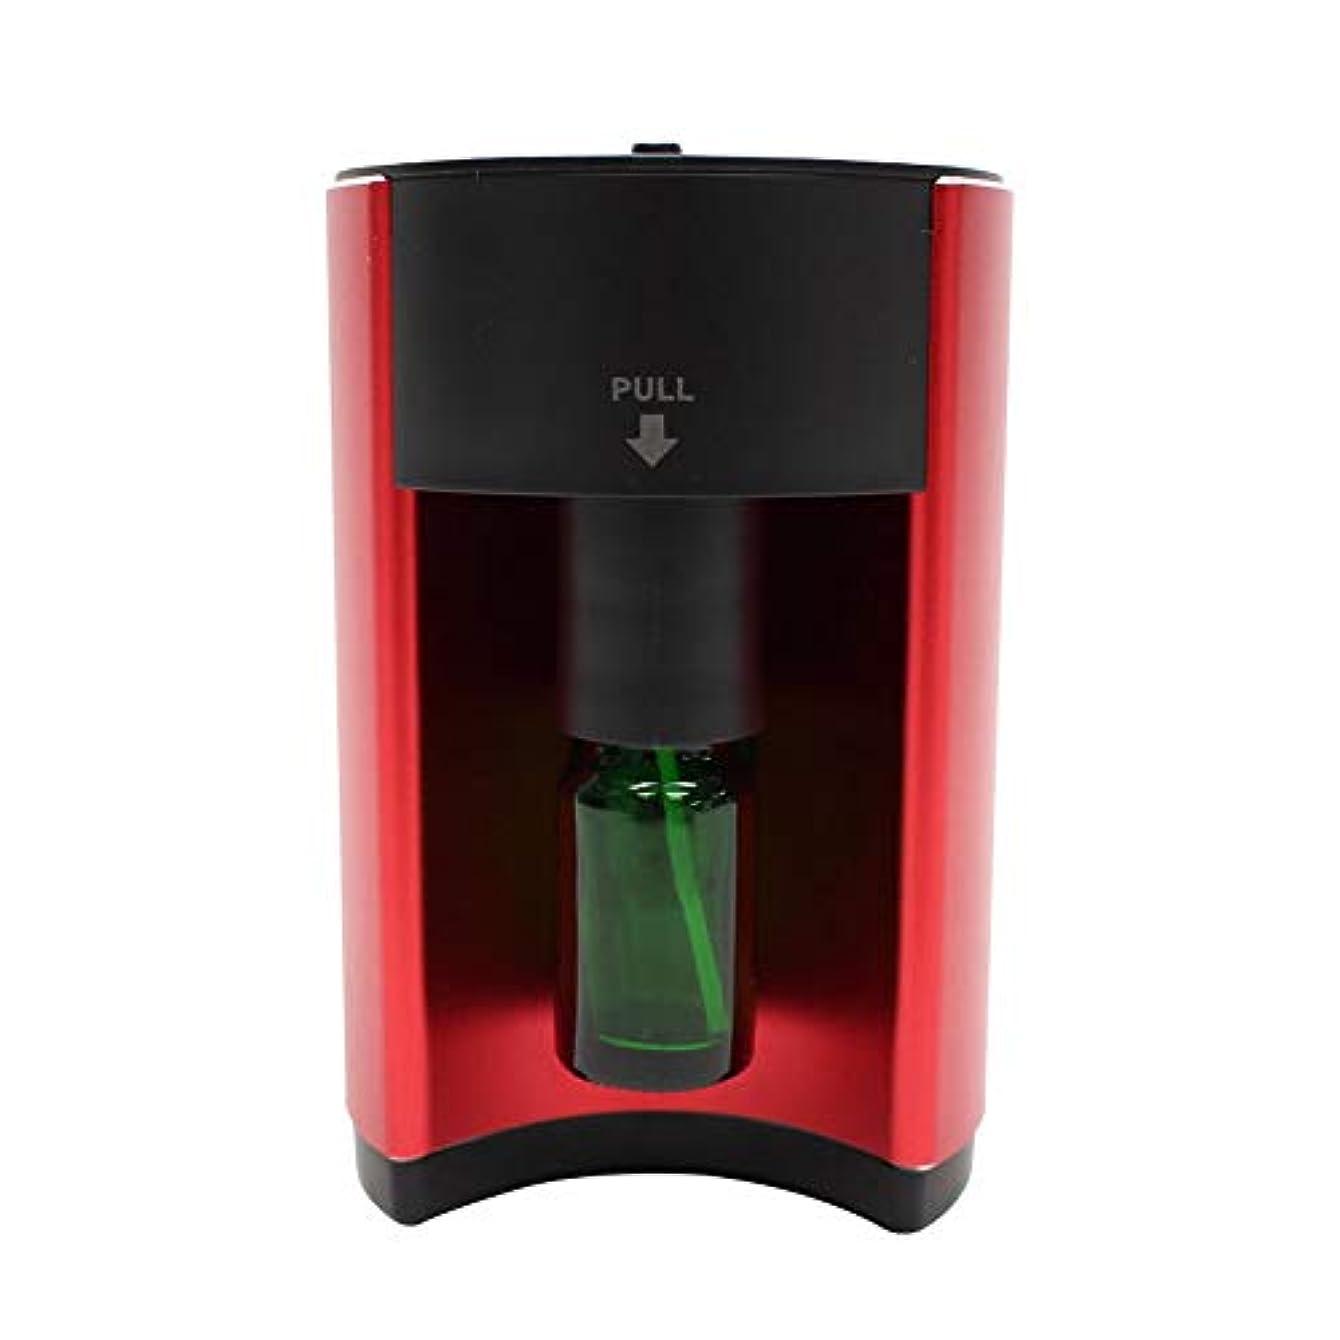 売上高天国承認アロマディフューザー 香り 癒し 噴霧式 自動停止 水を使わない 16段階モード設定 ECOモード搭載 ネブライザー式 コンパクト AC電源式 レッド